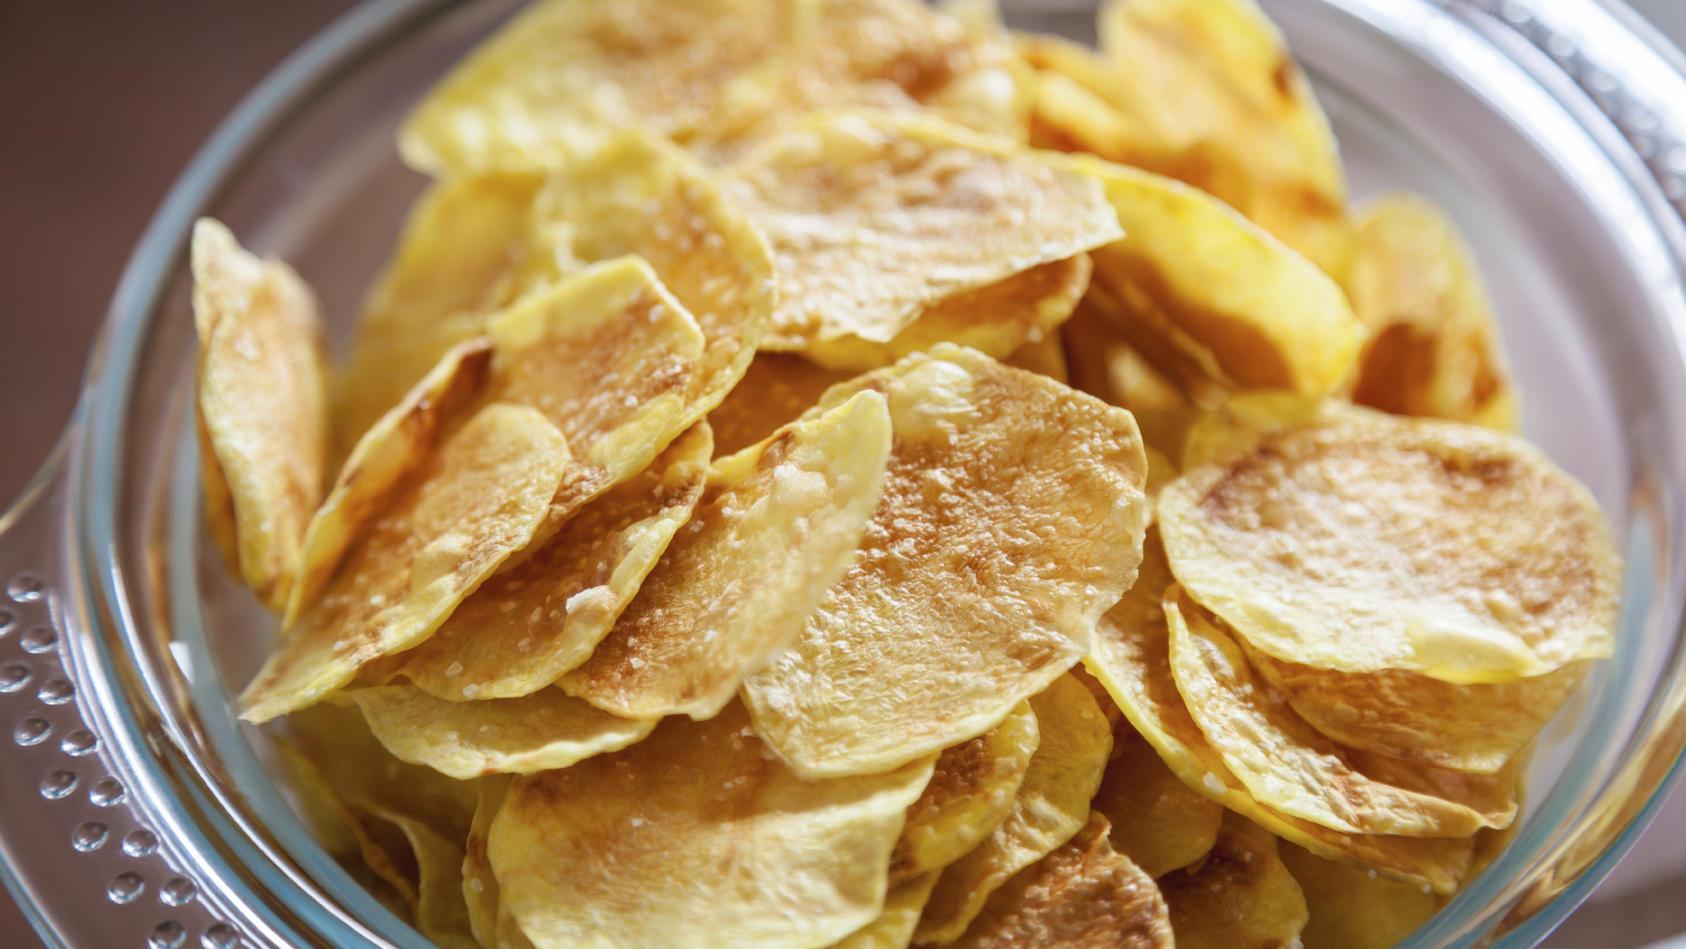 In 'Chipsfrisch ungarisch' von 'Funny Frisch' könnte Milch enthalten sein.